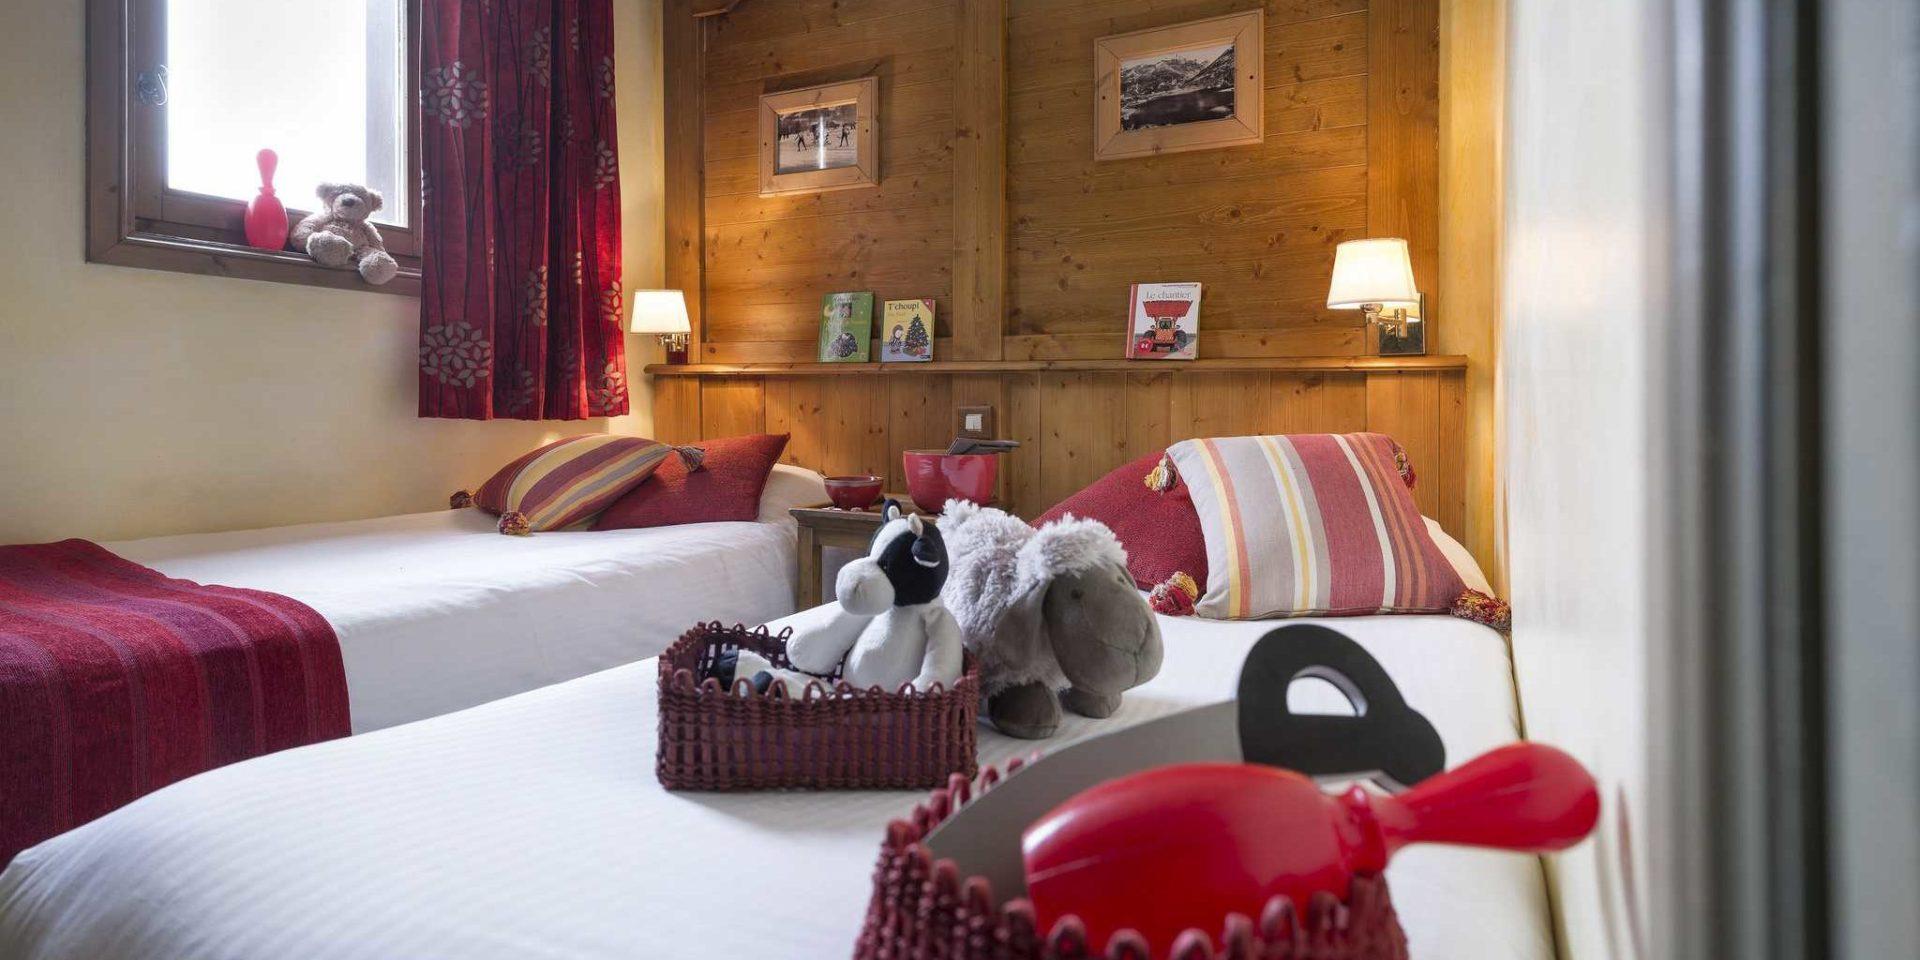 Residences Village Montana Tignes Tignes-Val d'Isere Frankrijk wintersport skivakantie luxe slaapkamer aparte bedden rode gestreepte kussens knuffels speelgoed beer boekjes houten wand schilderijen wandlampjes